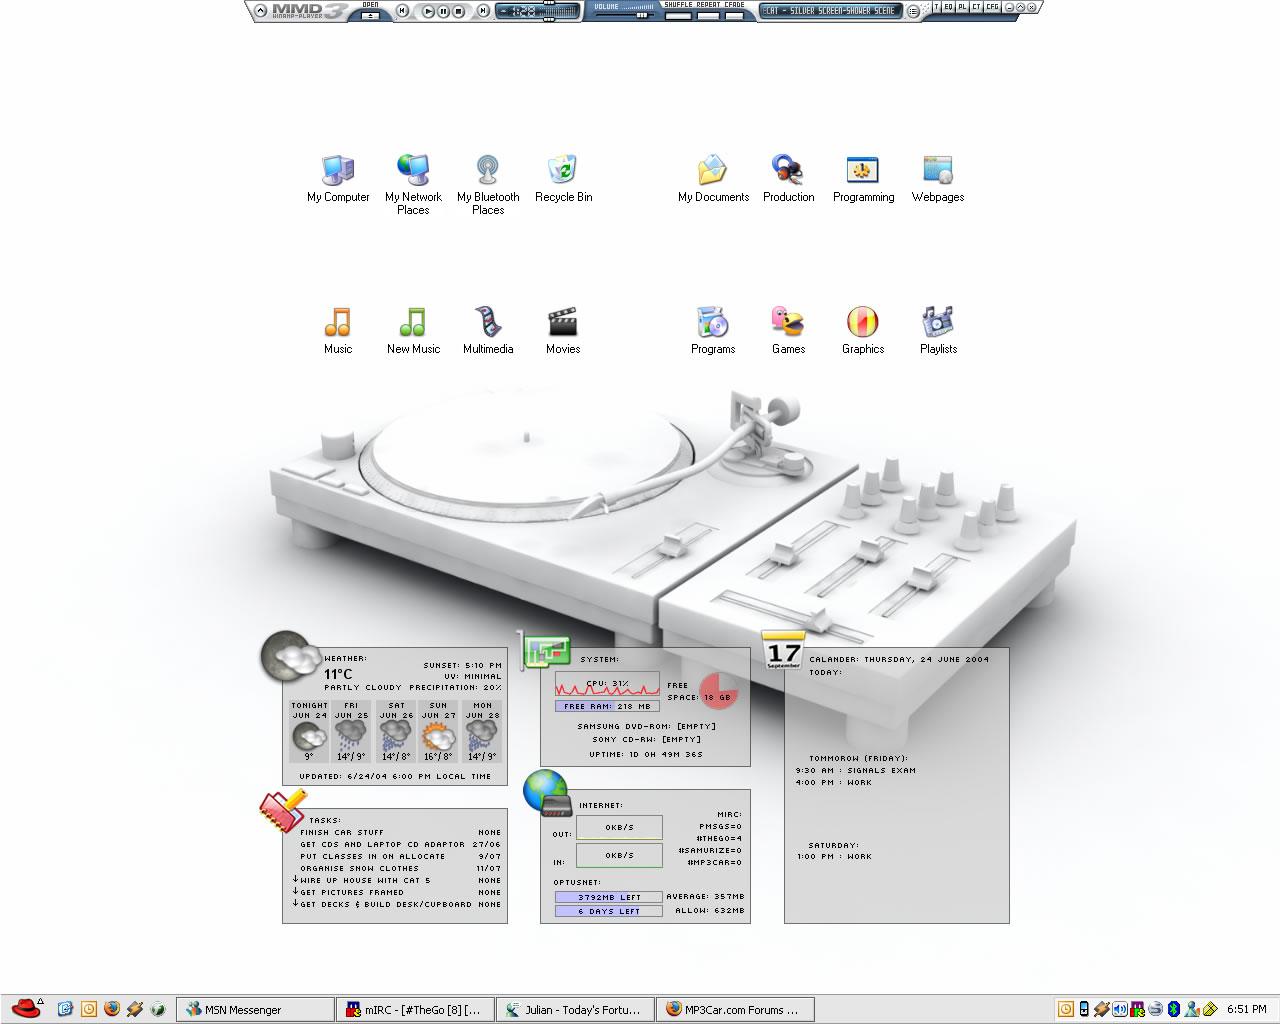 Title: Nic's Desktop V2